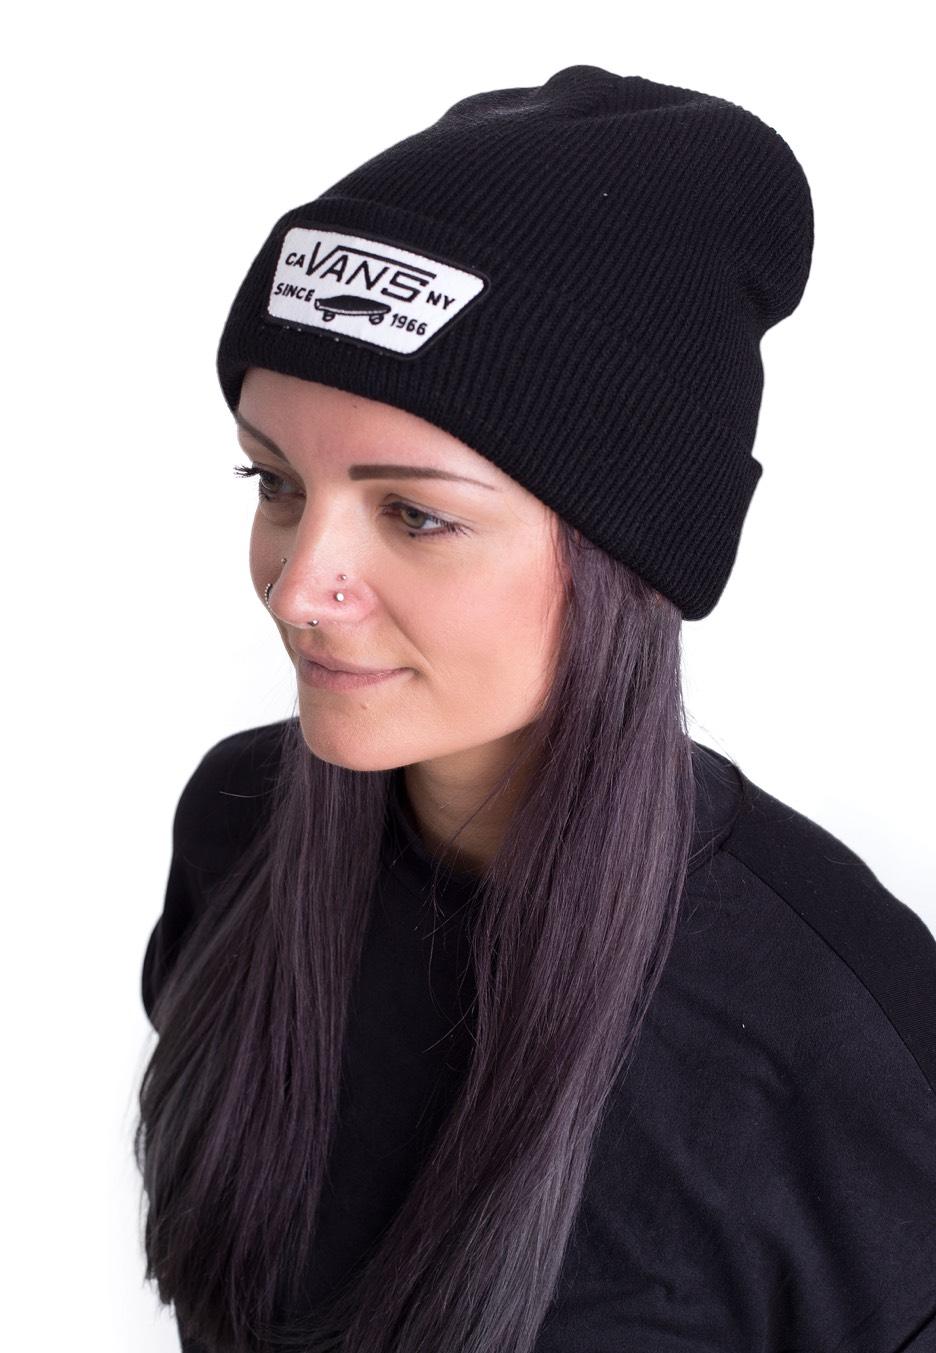 Vans - Milford - Bonnet - Impericon.com FR 2800d67301d